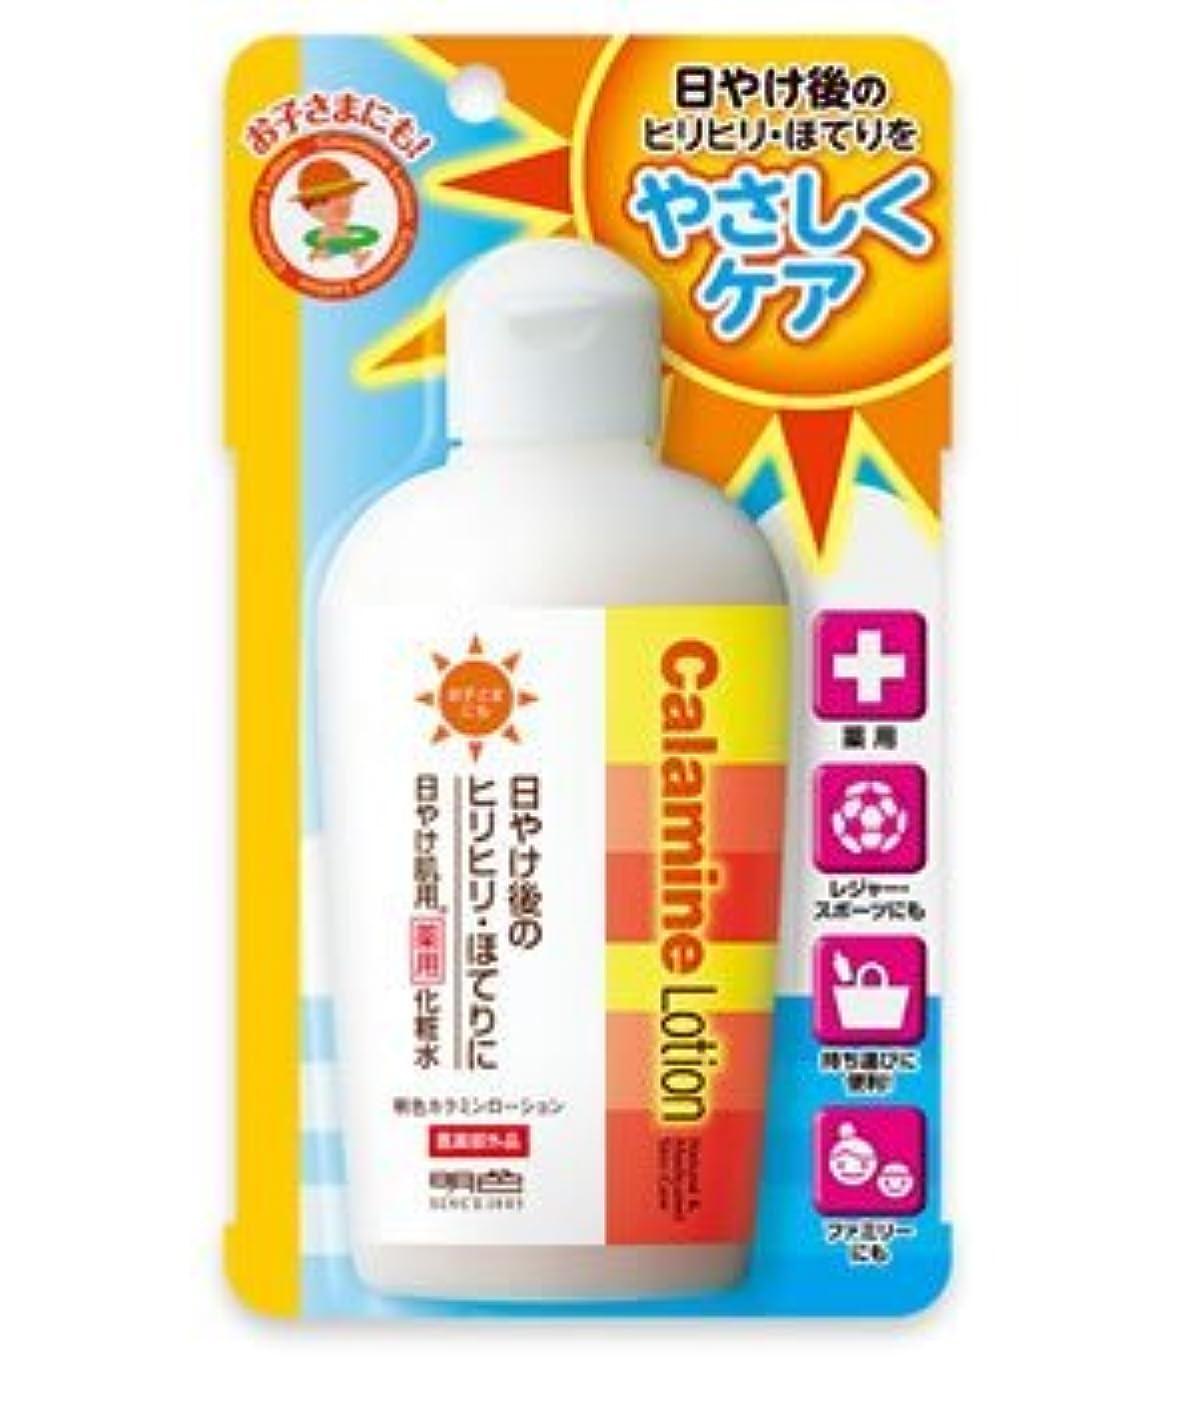 調整防水芸術(明色)カラミンローション155ml(医薬部外品)(お買い得3本セット)